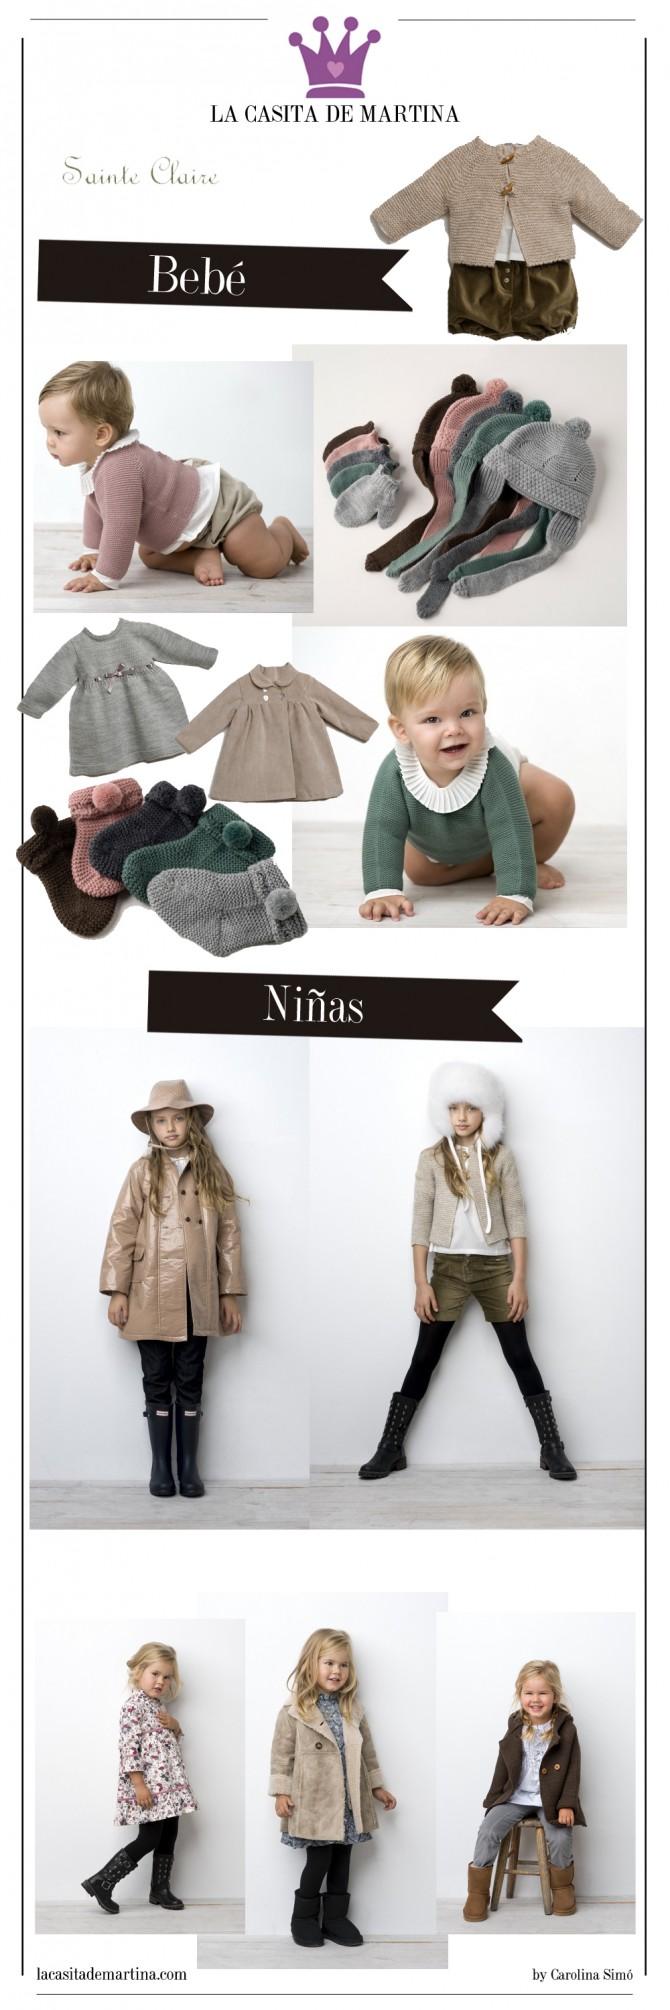 Sainte claire colecci n moda infantil oto o invierno 2013 for La casita de martina